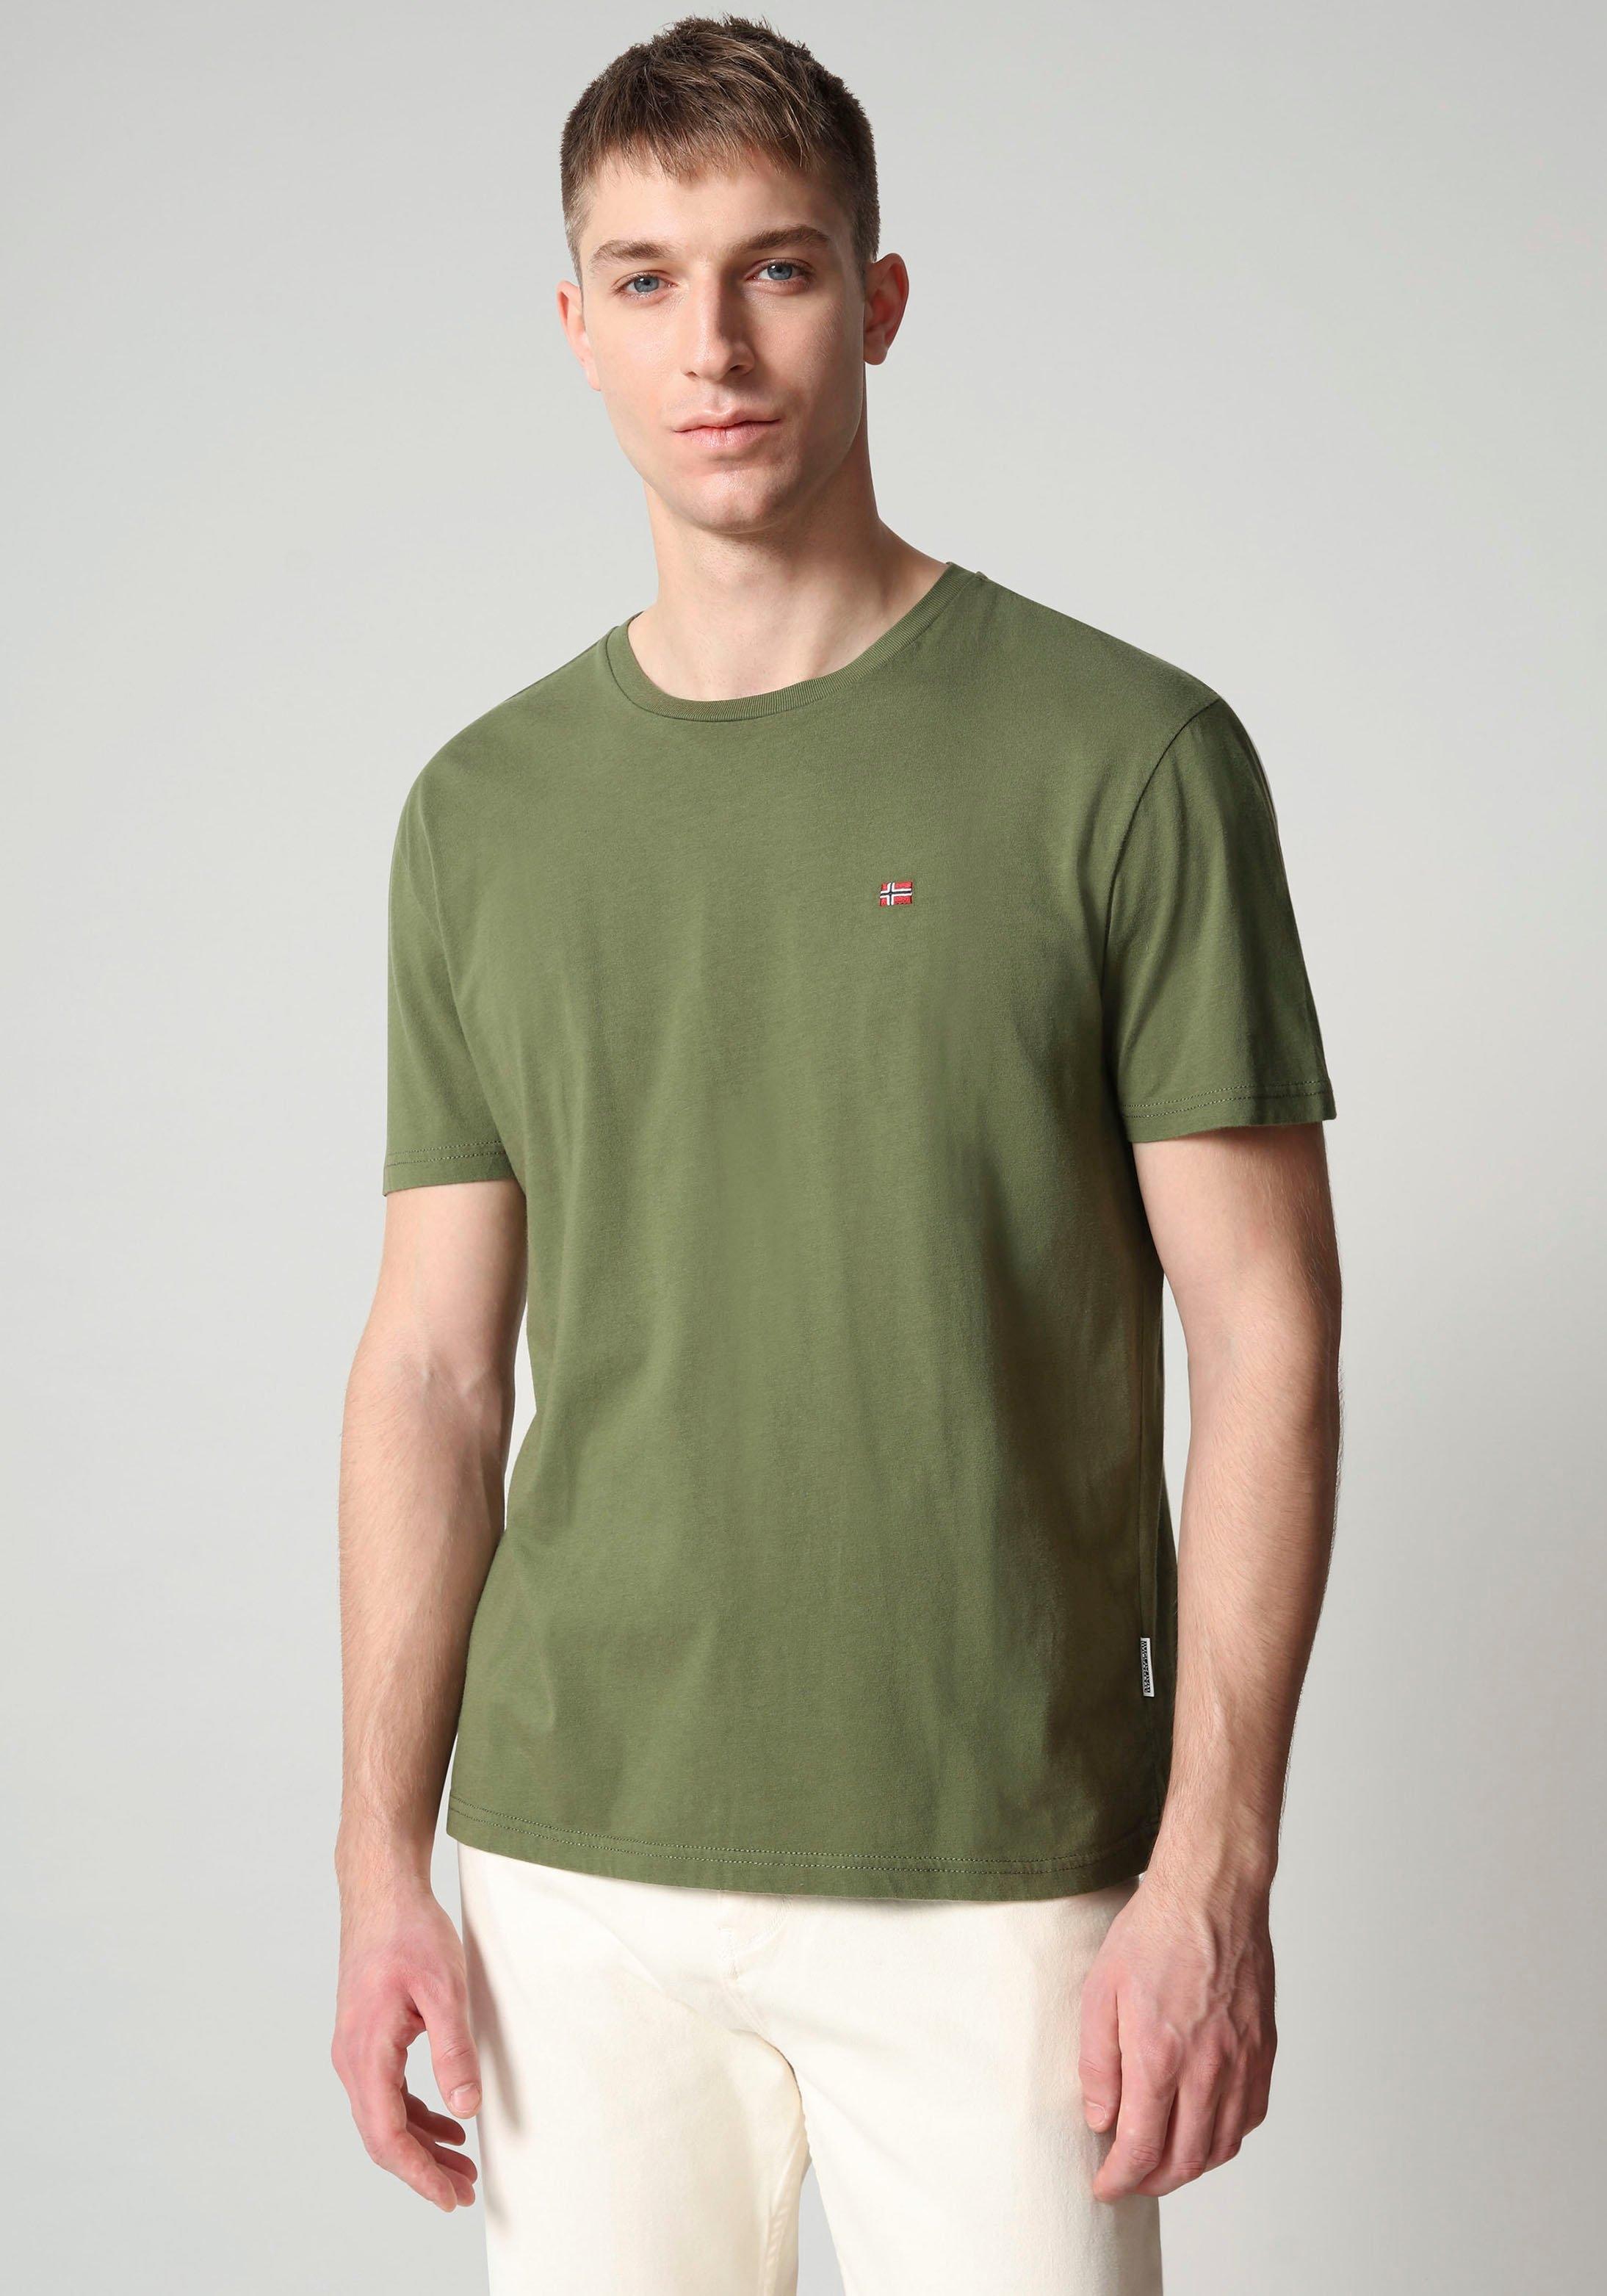 Napapijri T-shirt SALIS met klein vlagborduursel veilig op otto.nl kopen